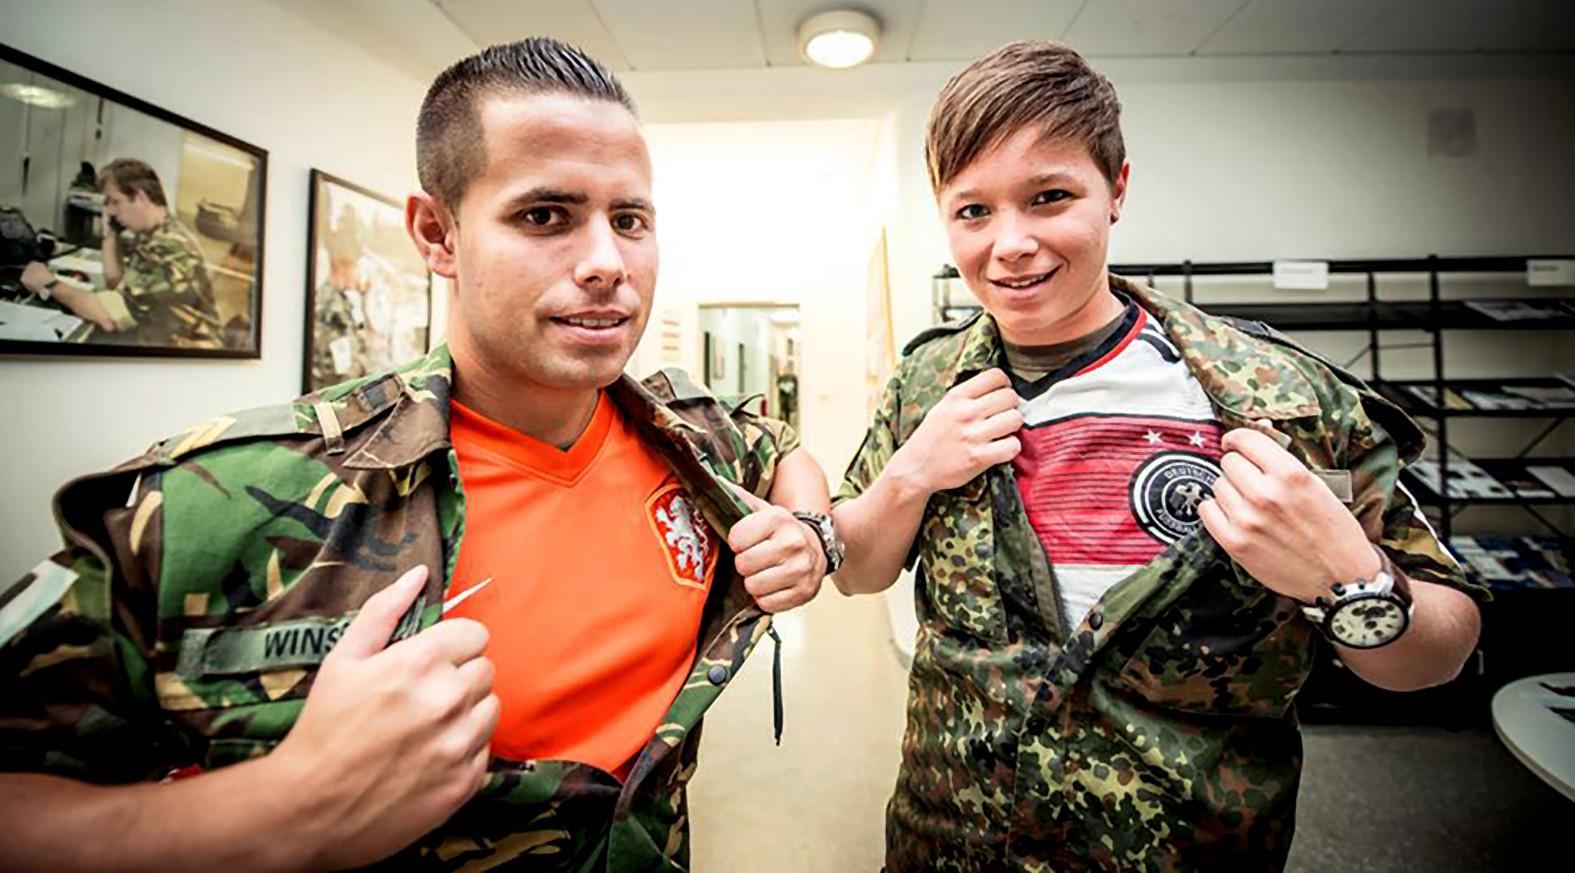 Nederlandse en Duitse militairen werken samen in het Duits-Nederlandse legerkorps, maar verloochen onder hun uniformen hun afkomst niet.